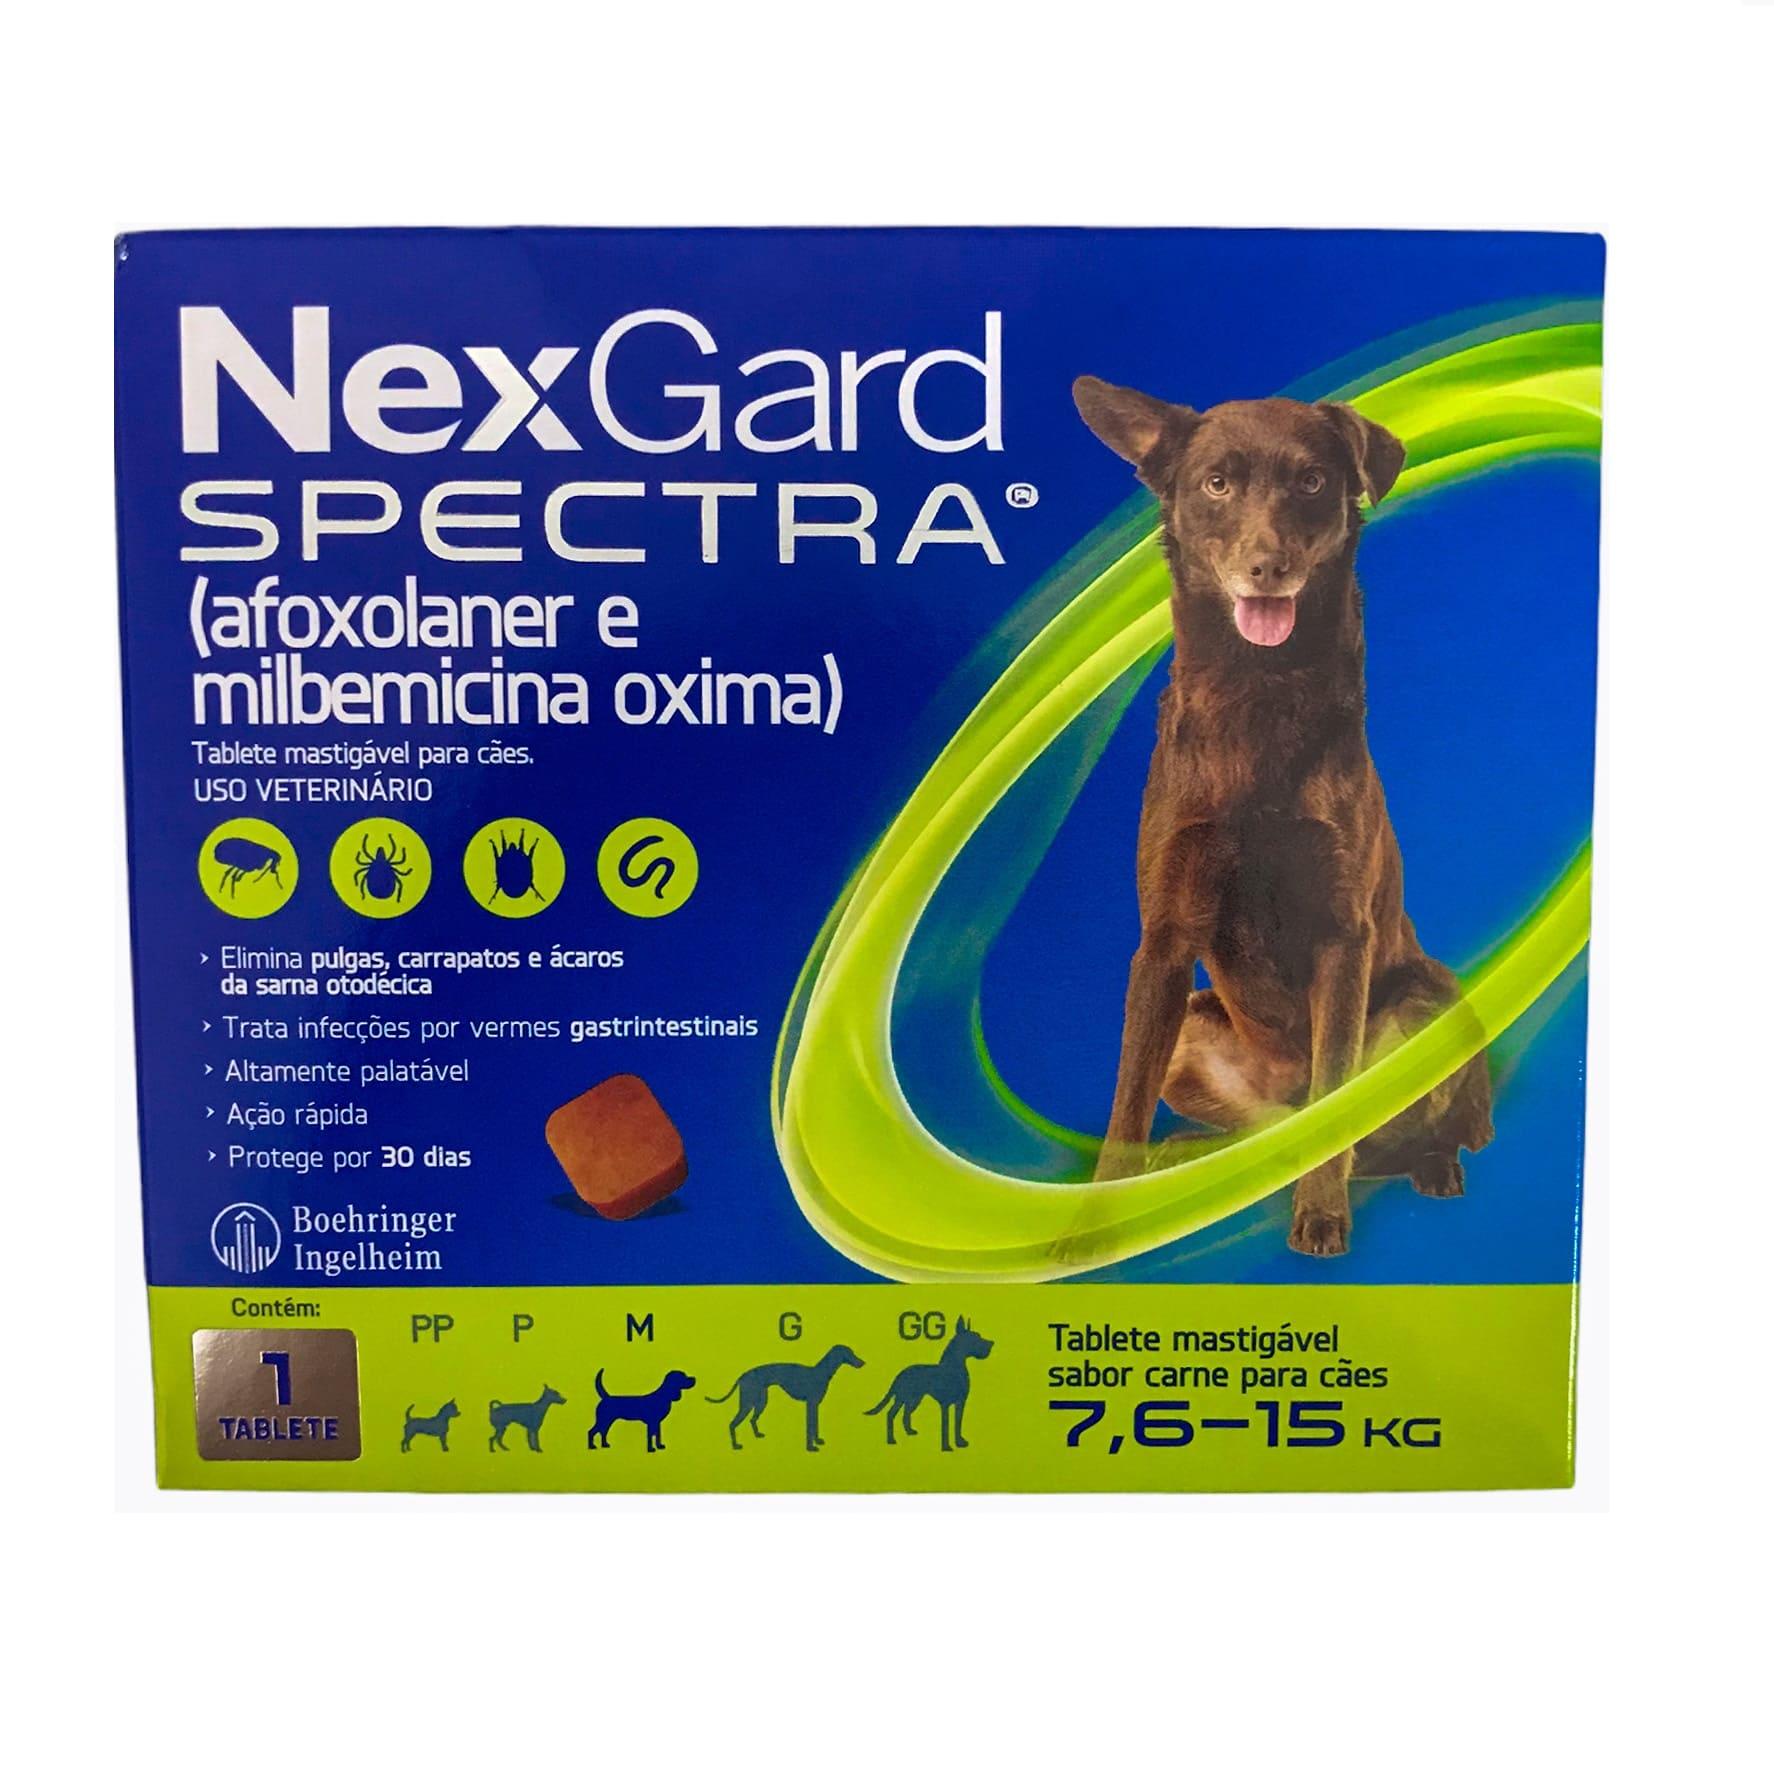 Nexgard Spectra para Cães de 7,6 a 15kg - Boehringer Ingelheim